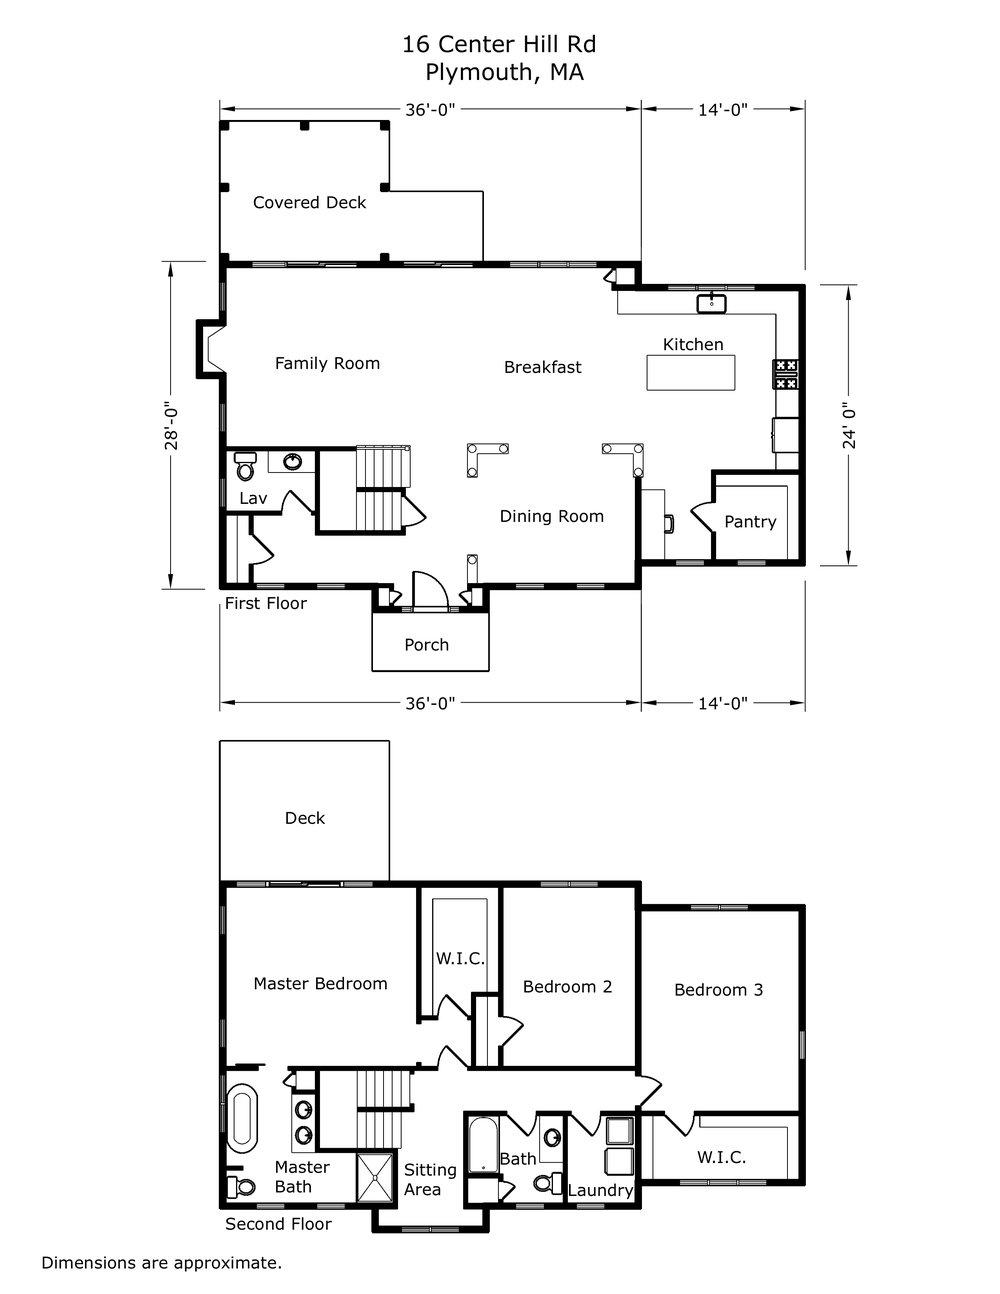 2018-10-17 - 16 center hill rd floor plan.jpg